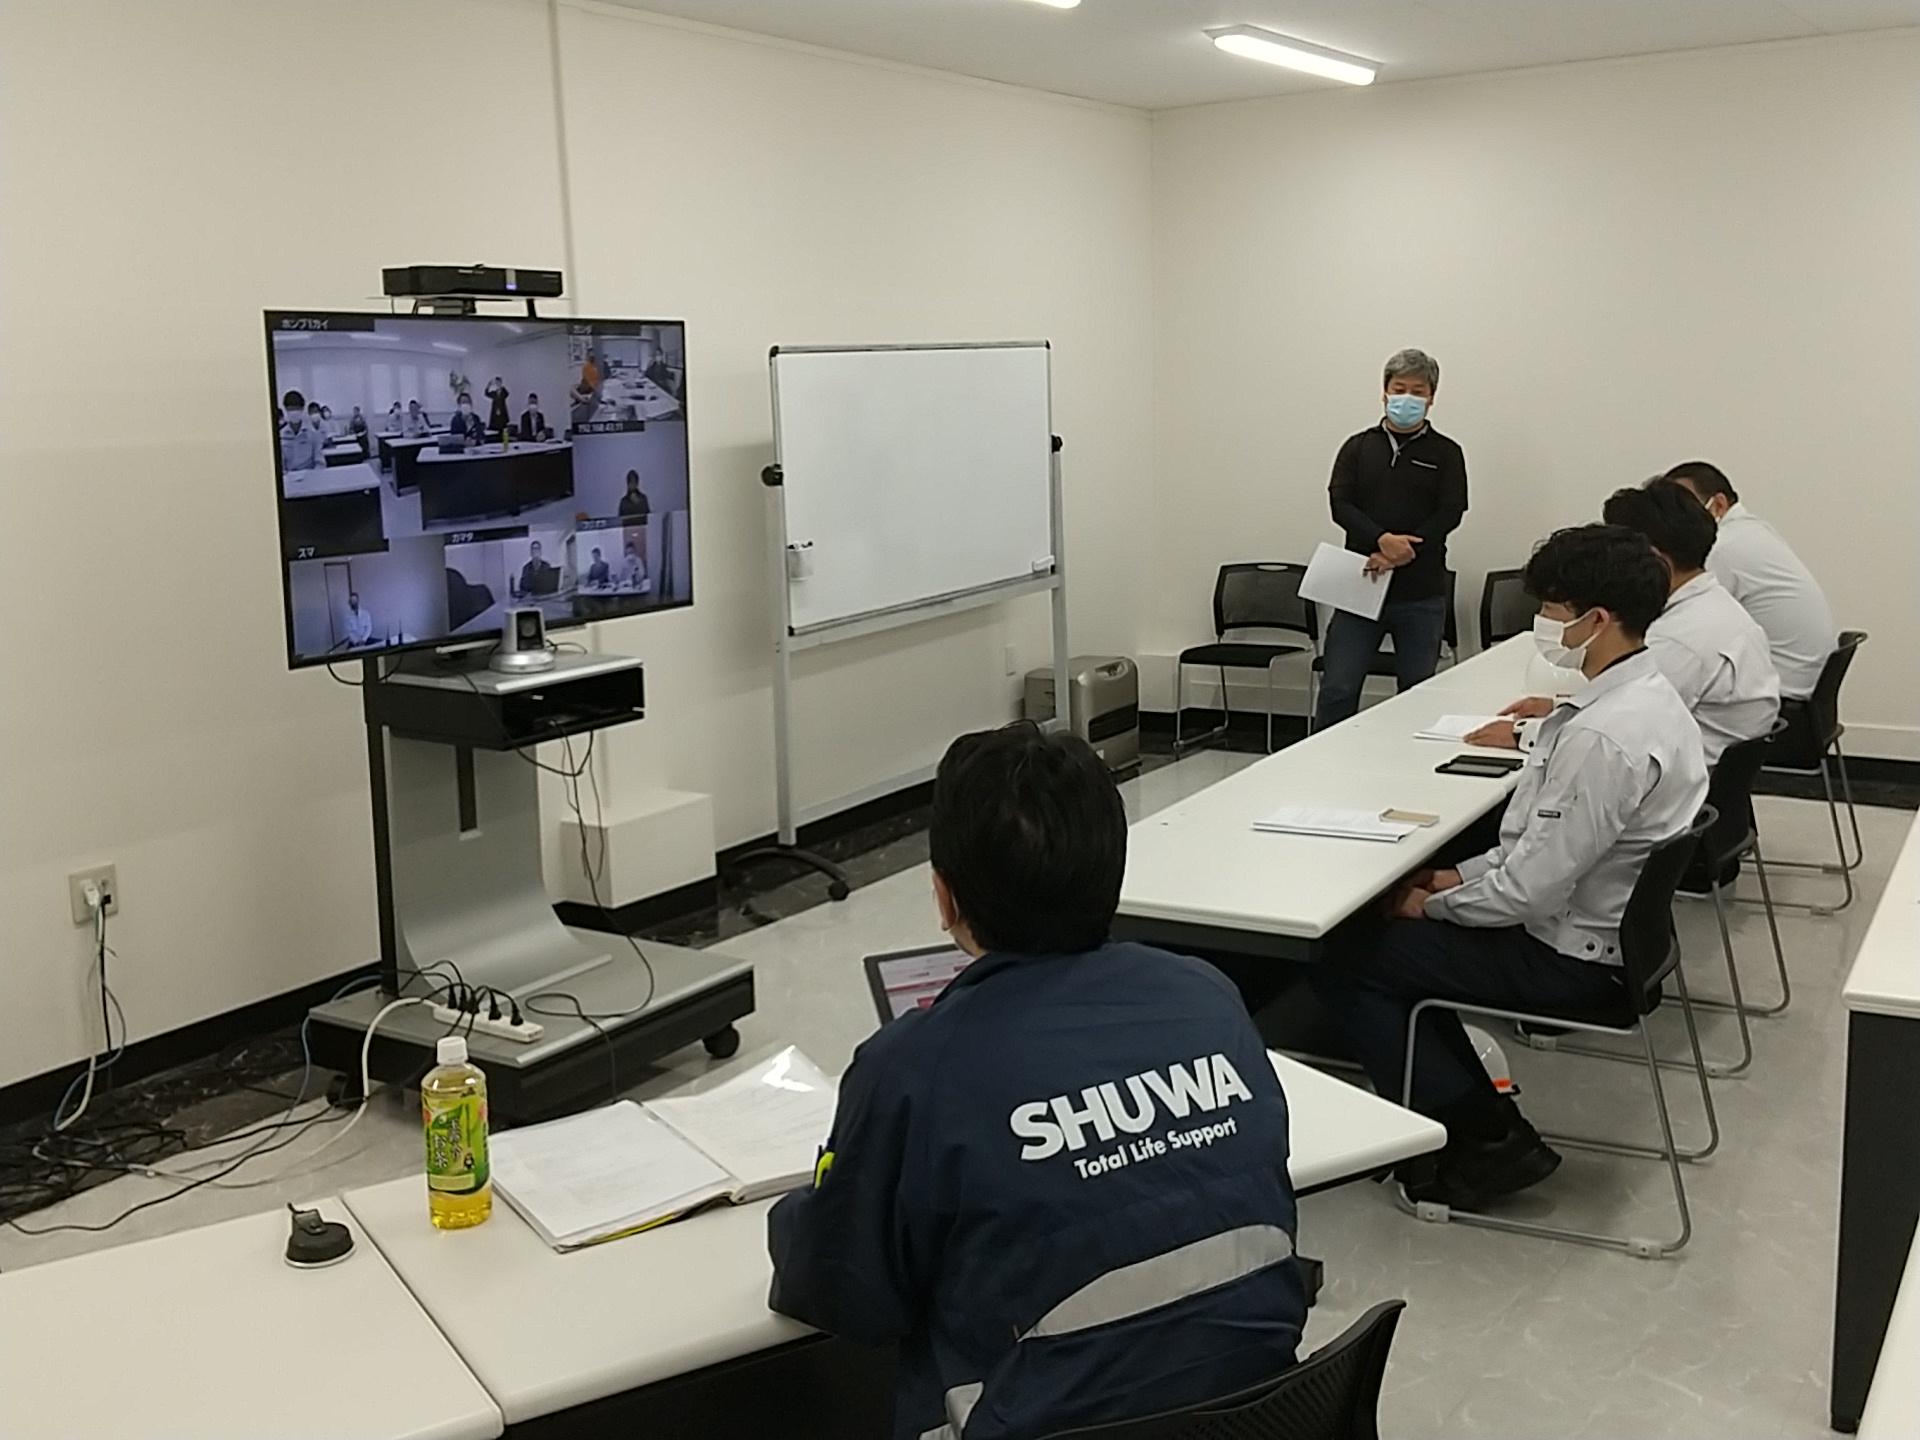 シューワグループ合同BCP訓練